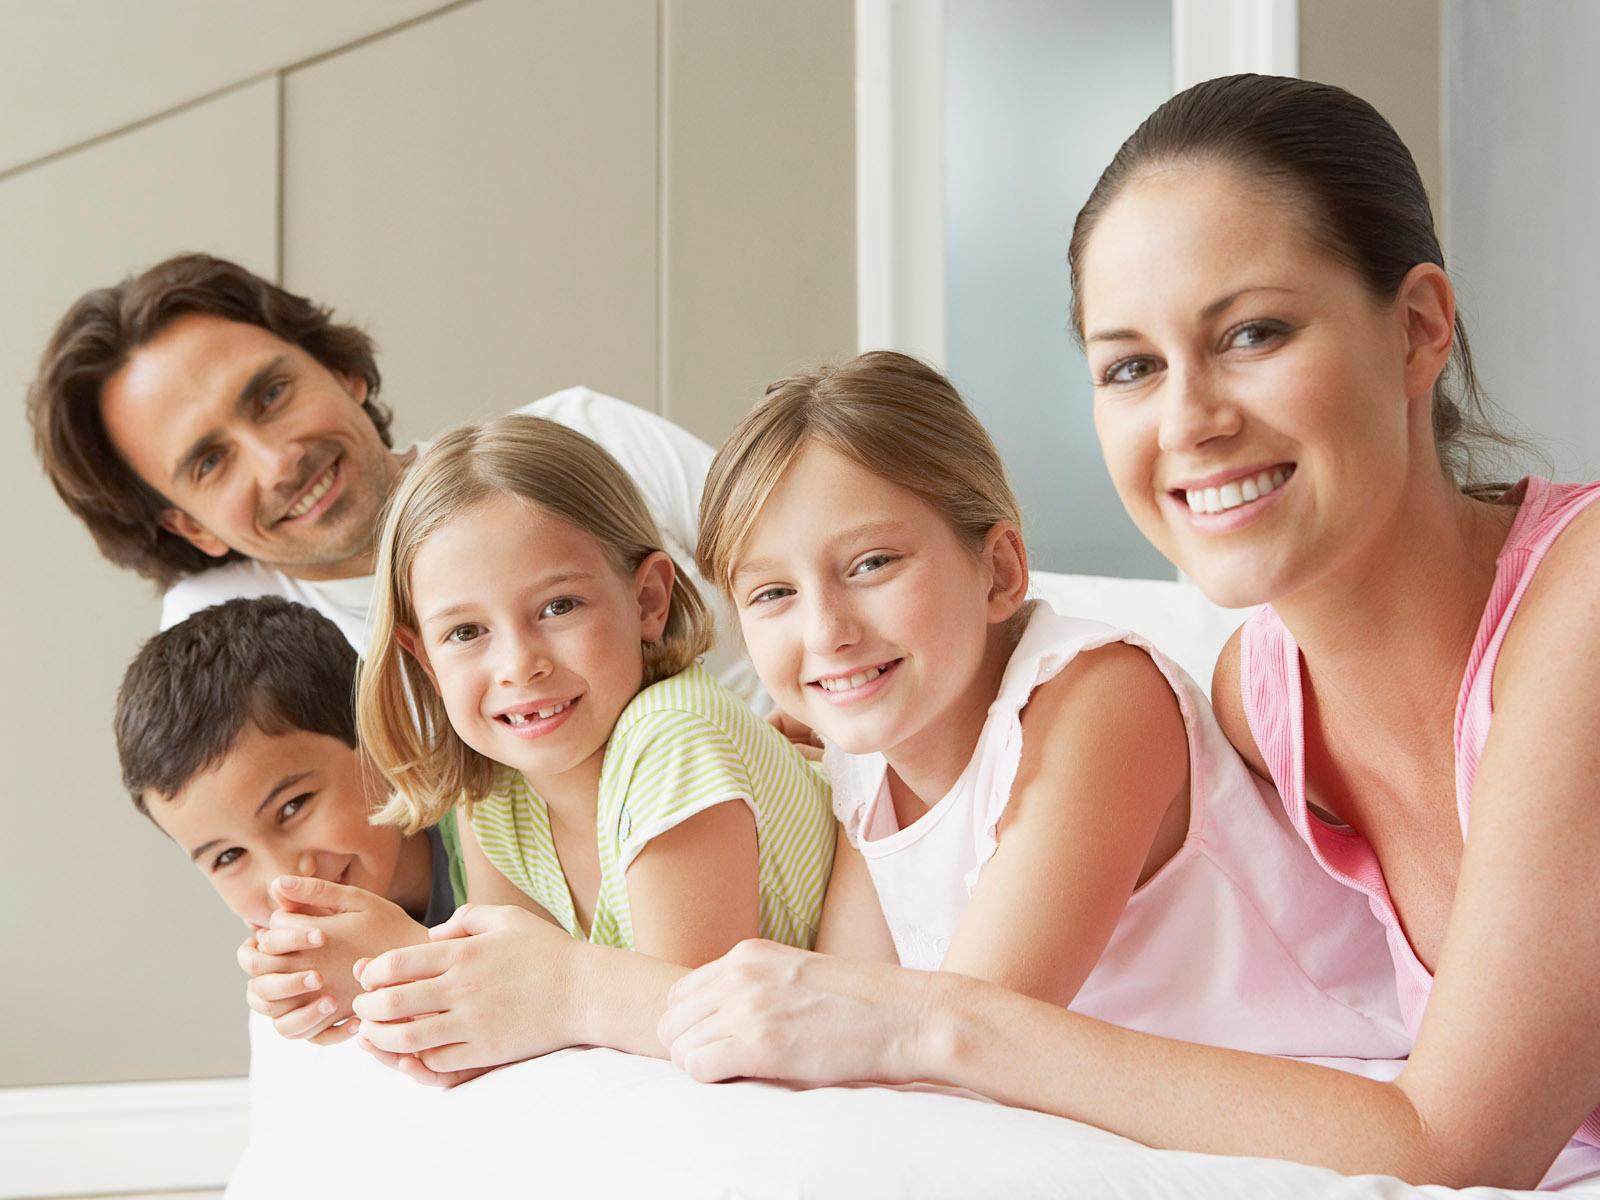 оренбургской картинки многодетной семьи с детьми как для